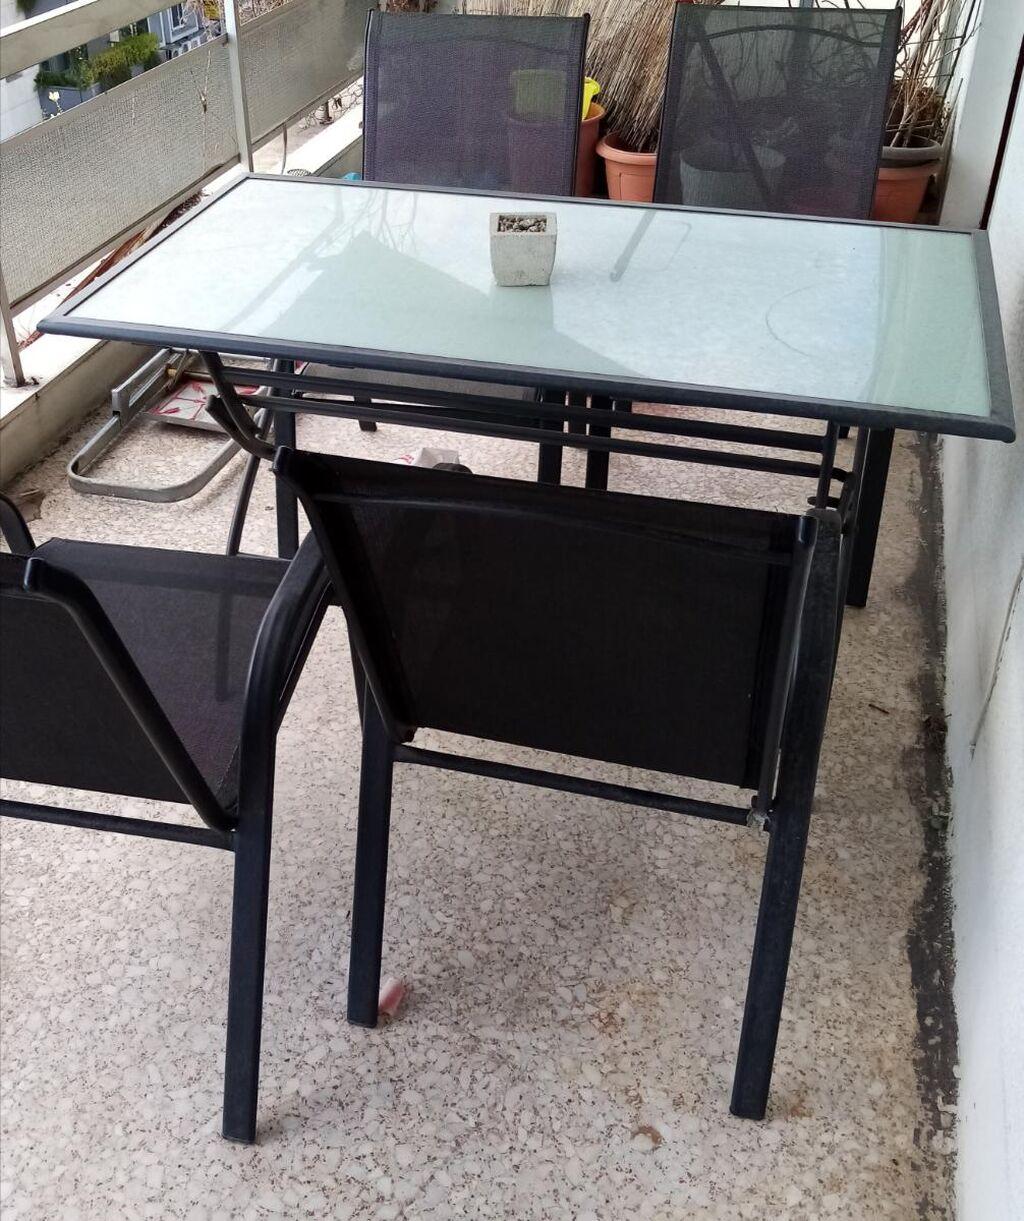 Τραπέζι και καρέκλες για εξωτερικό χώρο όλα μαζί 80 ευρώ